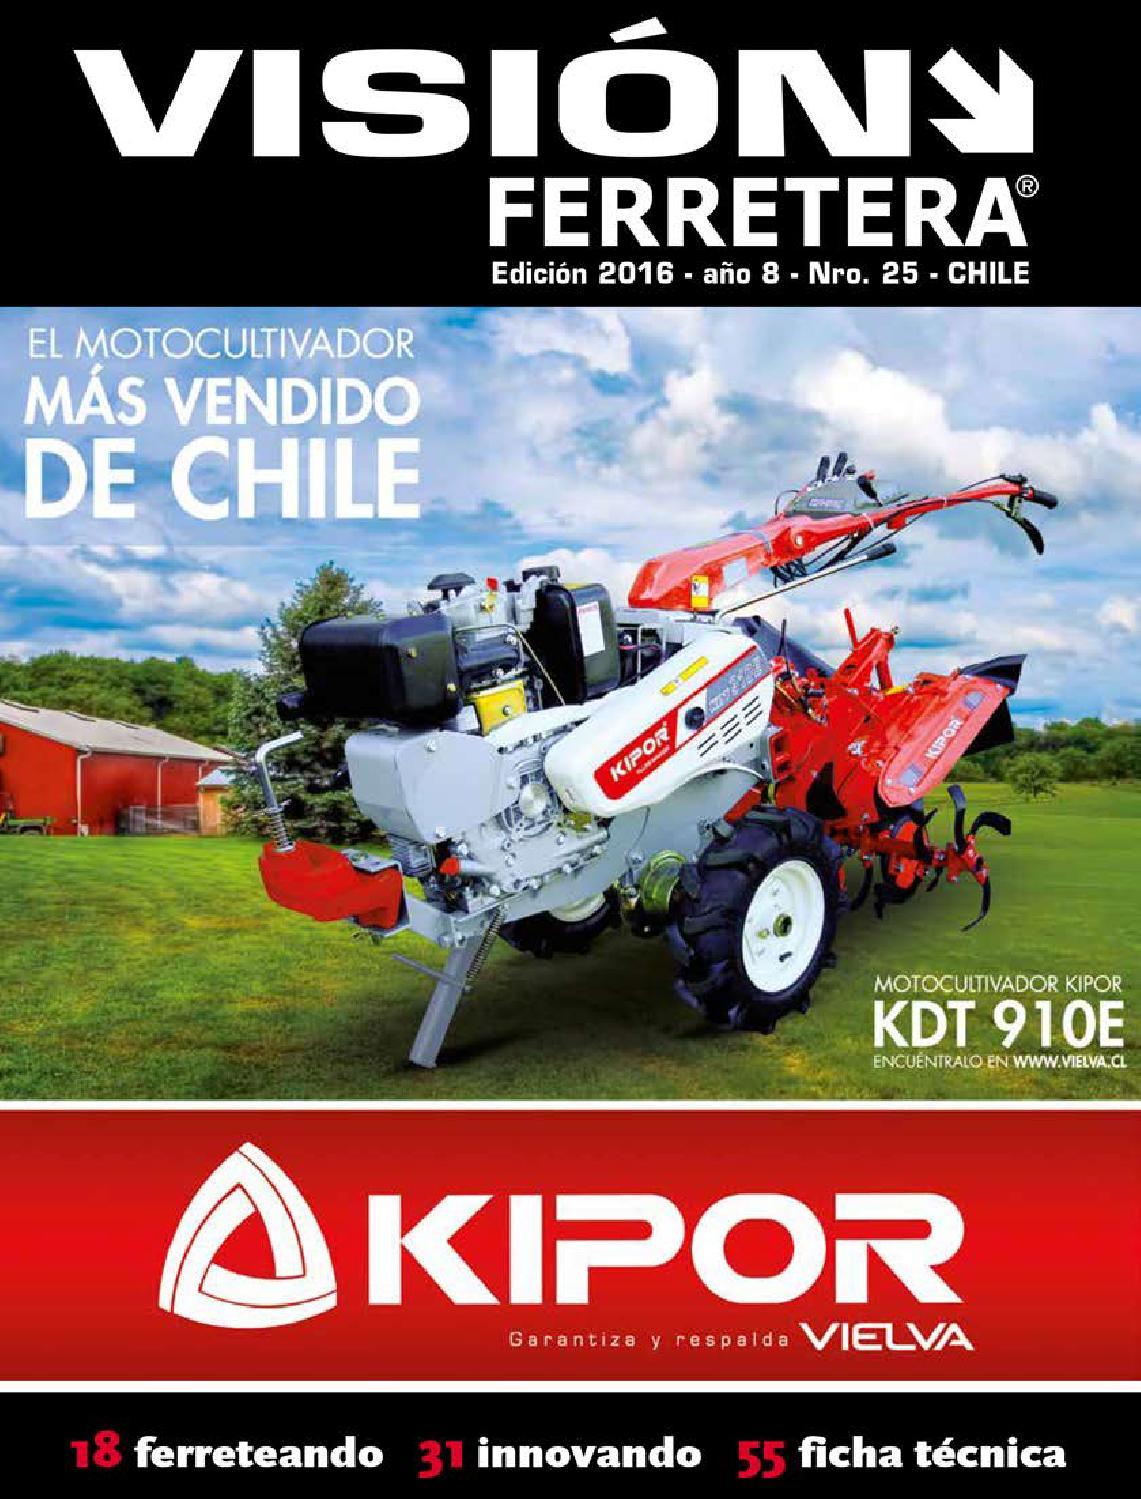 Visión Ferretera edición 25 marzo 2016 by Vision Ferretera - issuu